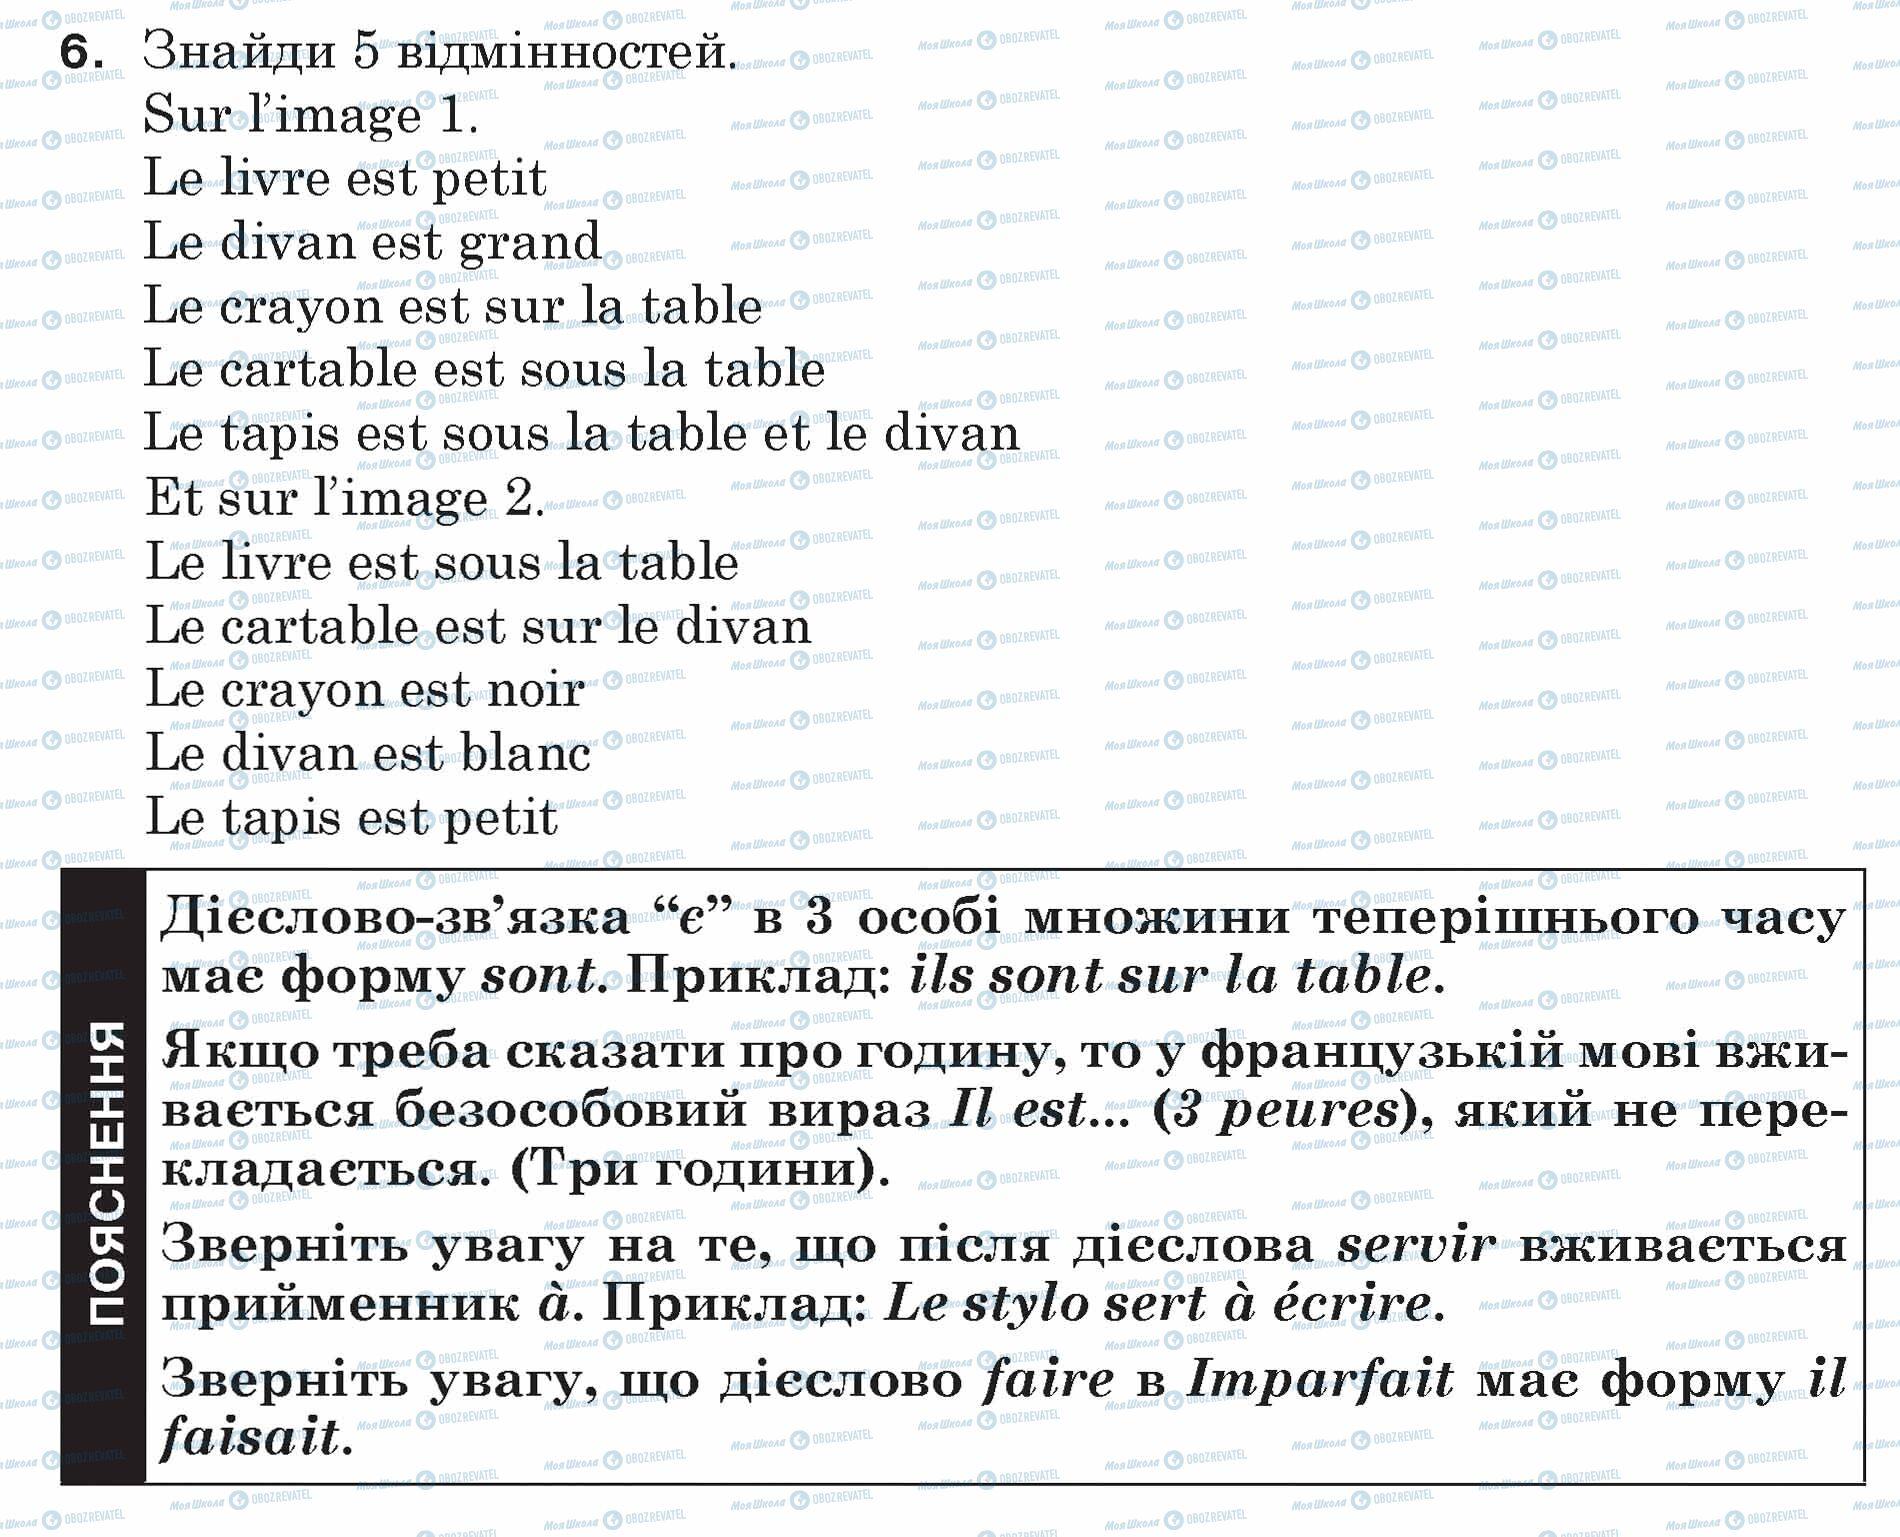 ГДЗ Французька мова 5 клас сторінка 6